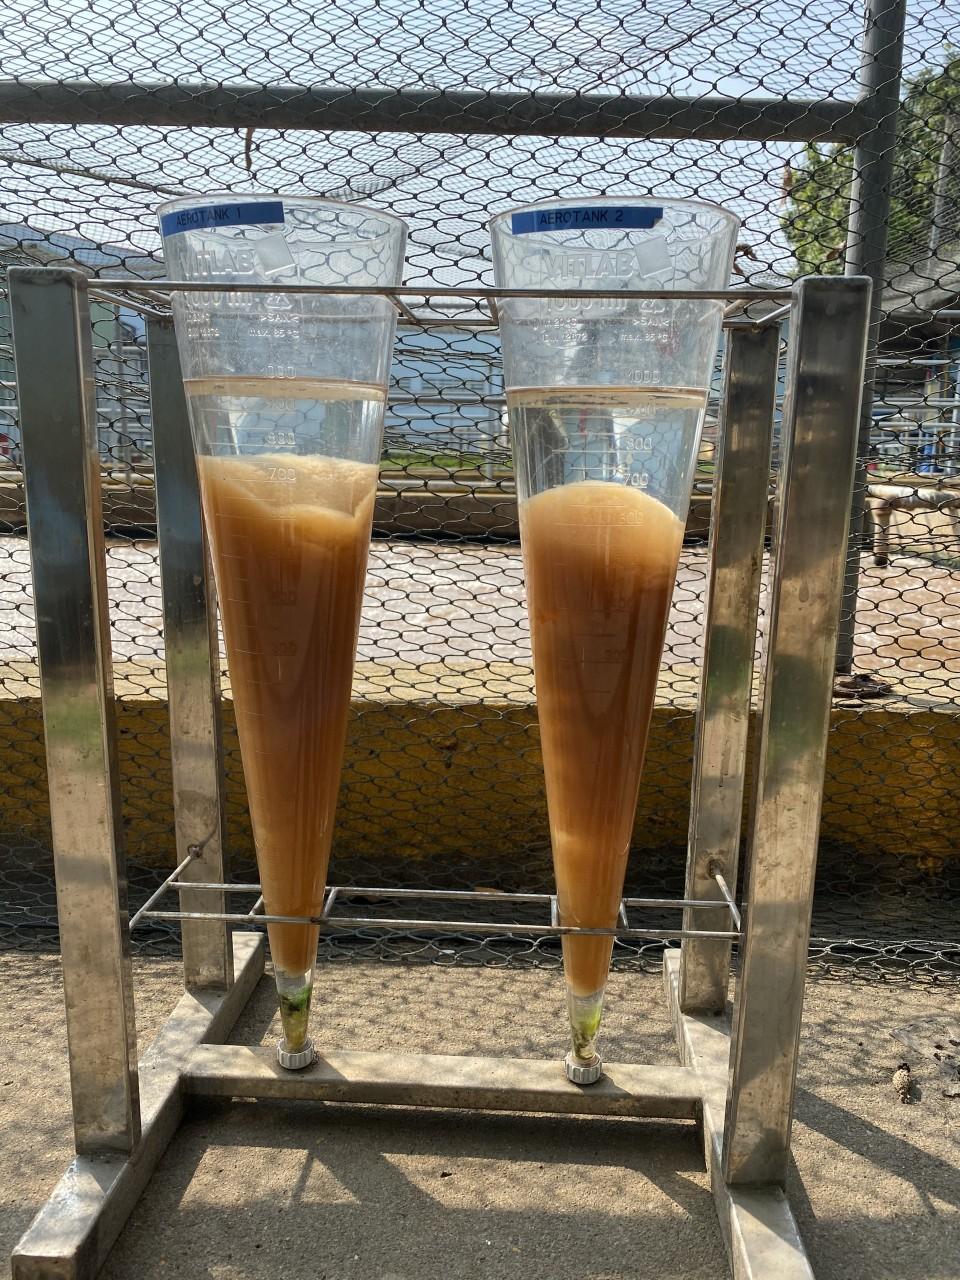 Cung cấp bùn vi sinh tại Bắc Ninh Bắc Giang - Kiểm tra bùn vi sinh sau khi cung cấp